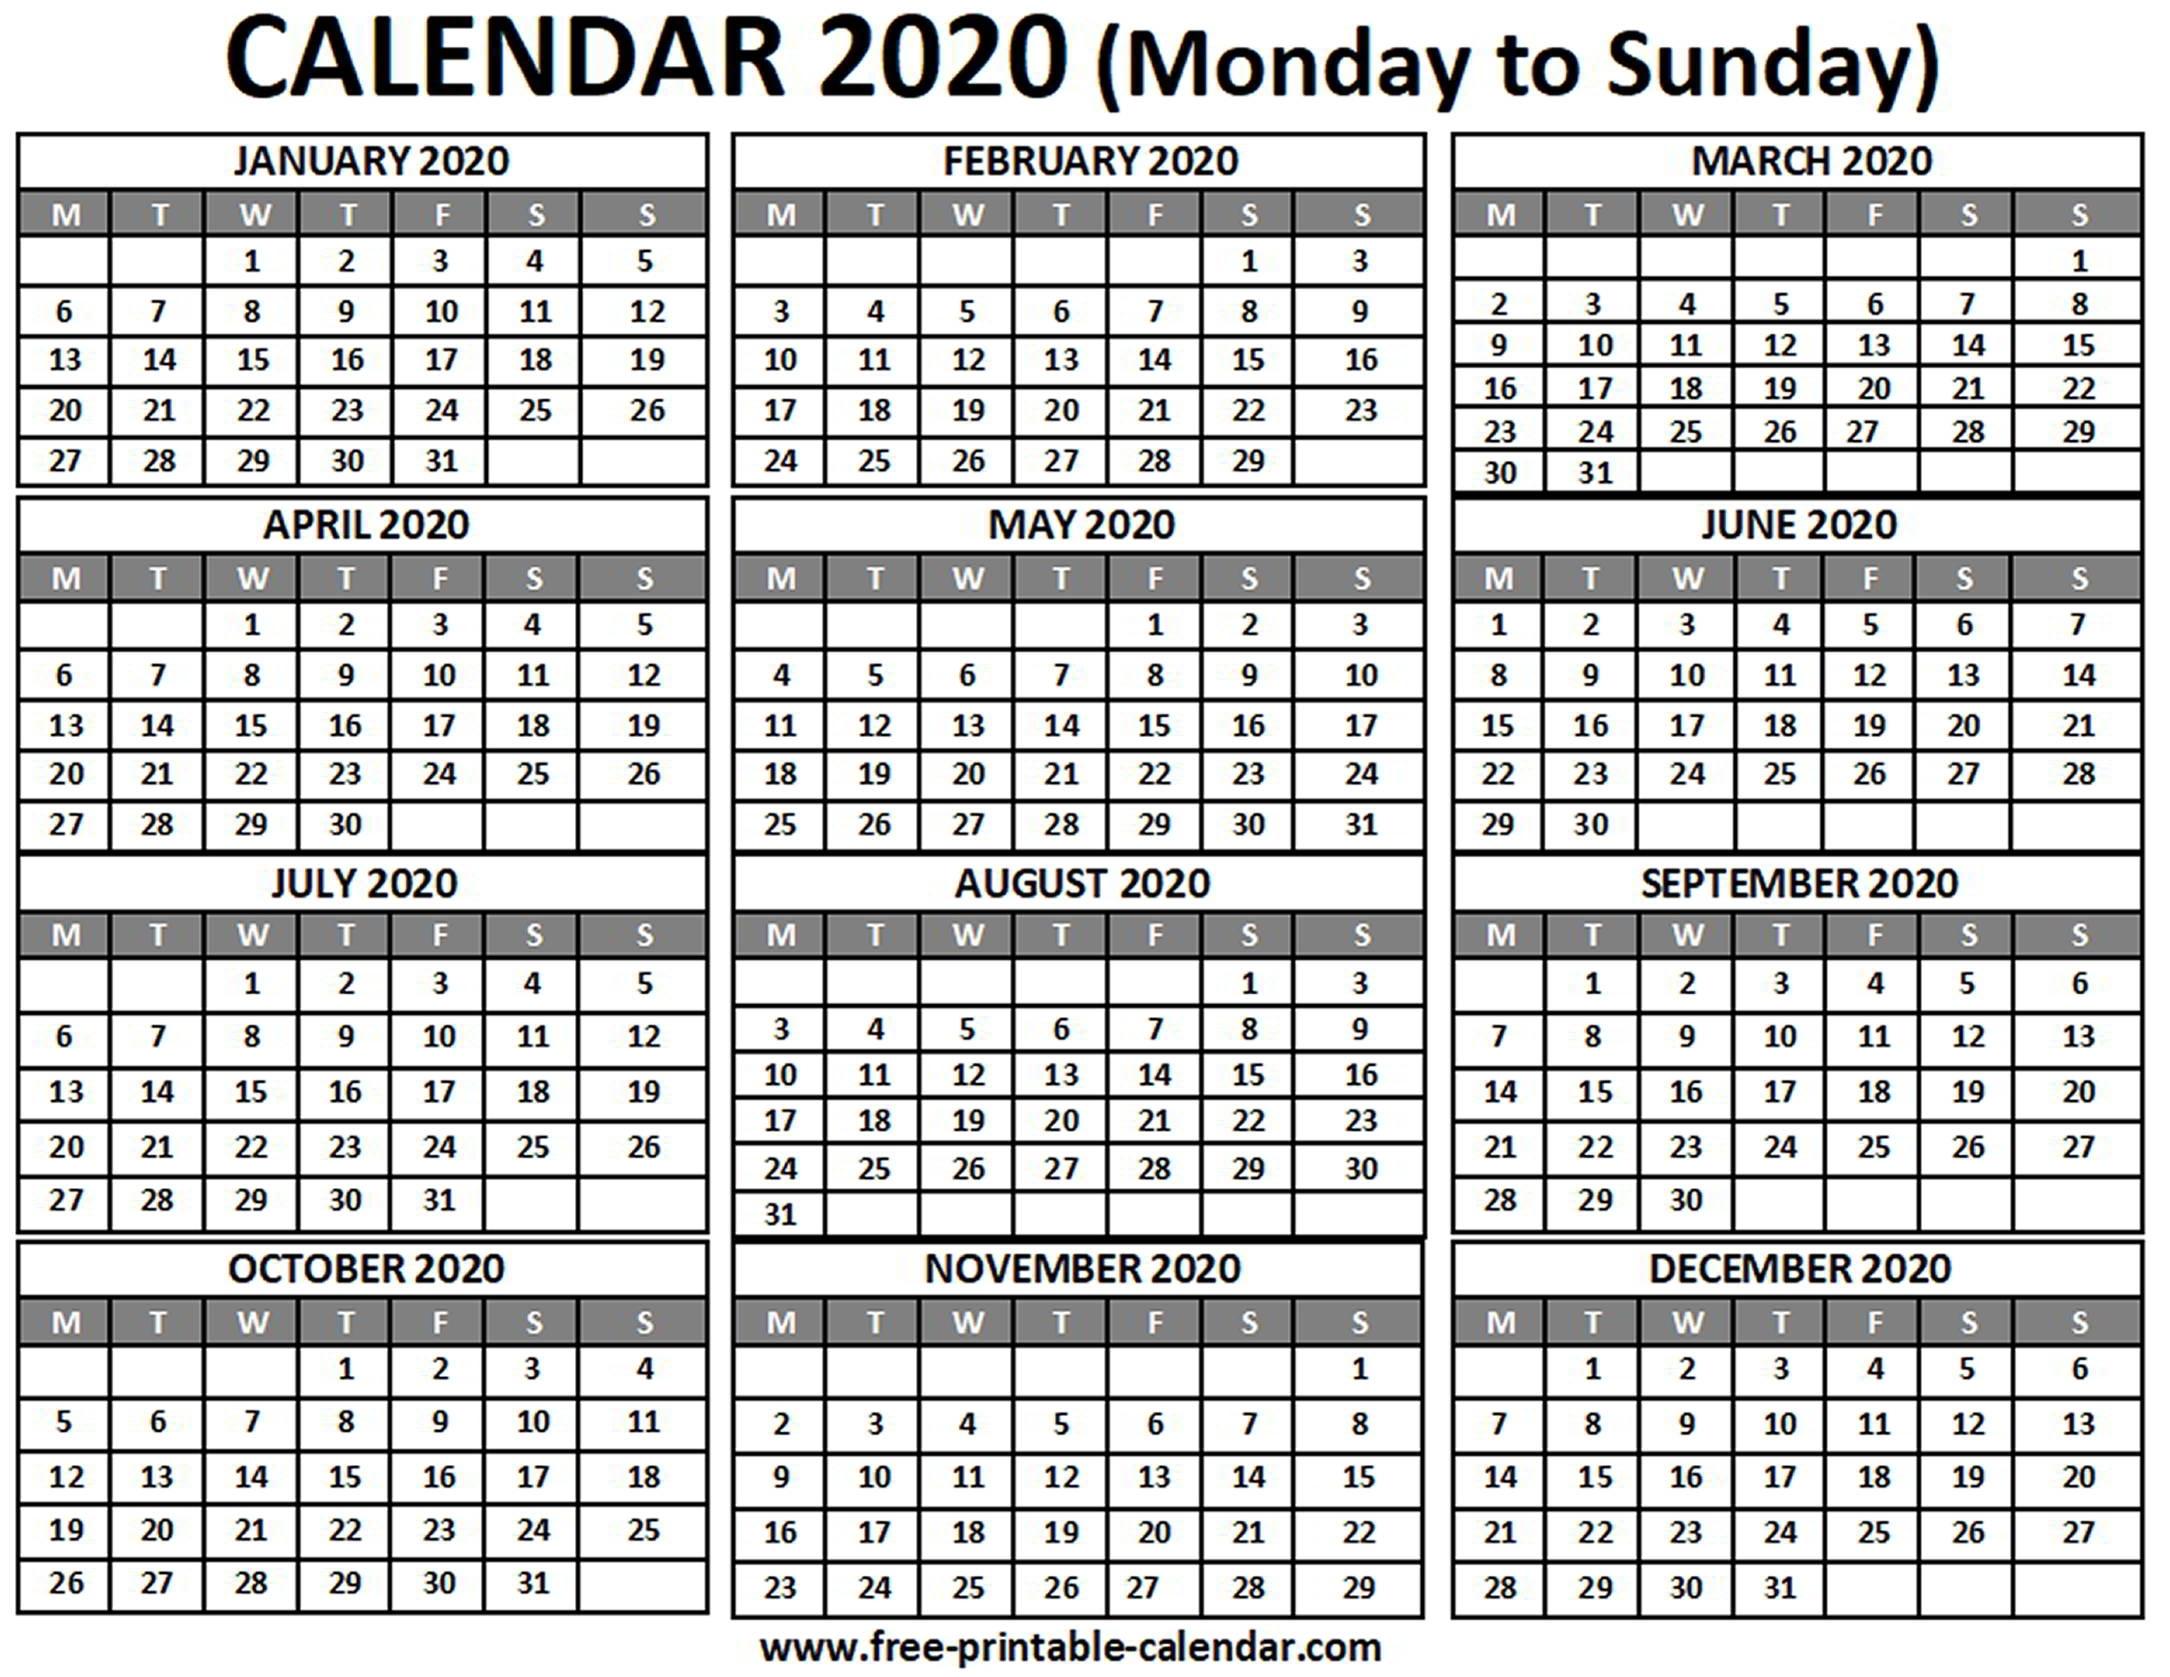 2020 Calendar - Free-Printable-Calendar in Printable Calendar 2020 Monday To Sunday